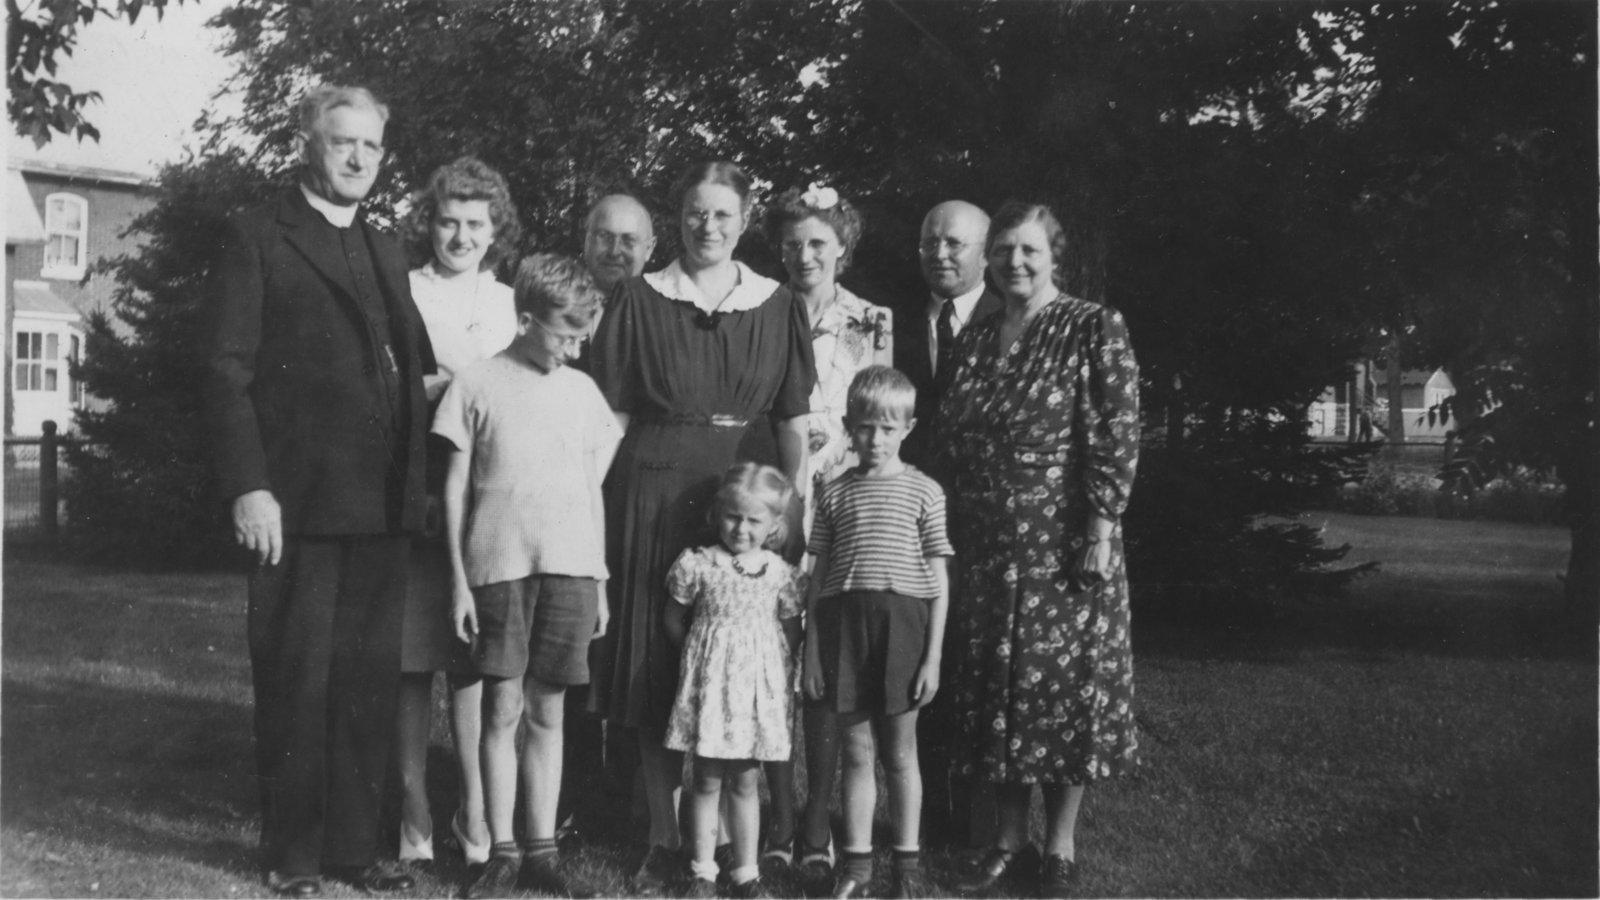 Voss family, Hamester family, and Rev. Paulsen